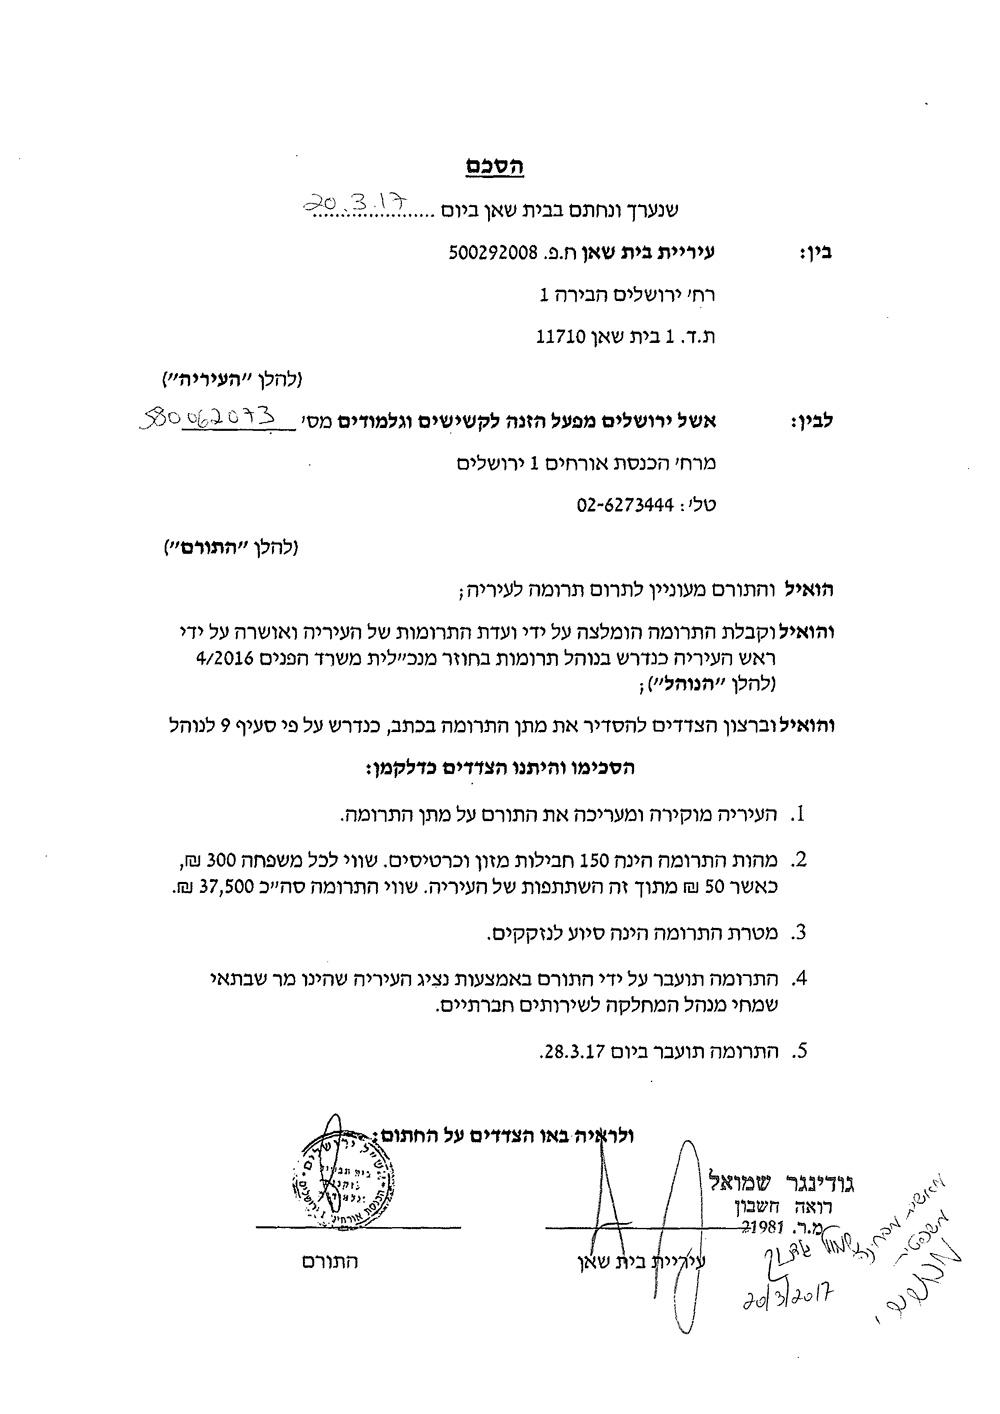 הסכם-תרומת-אשל-ירושלים-חתום